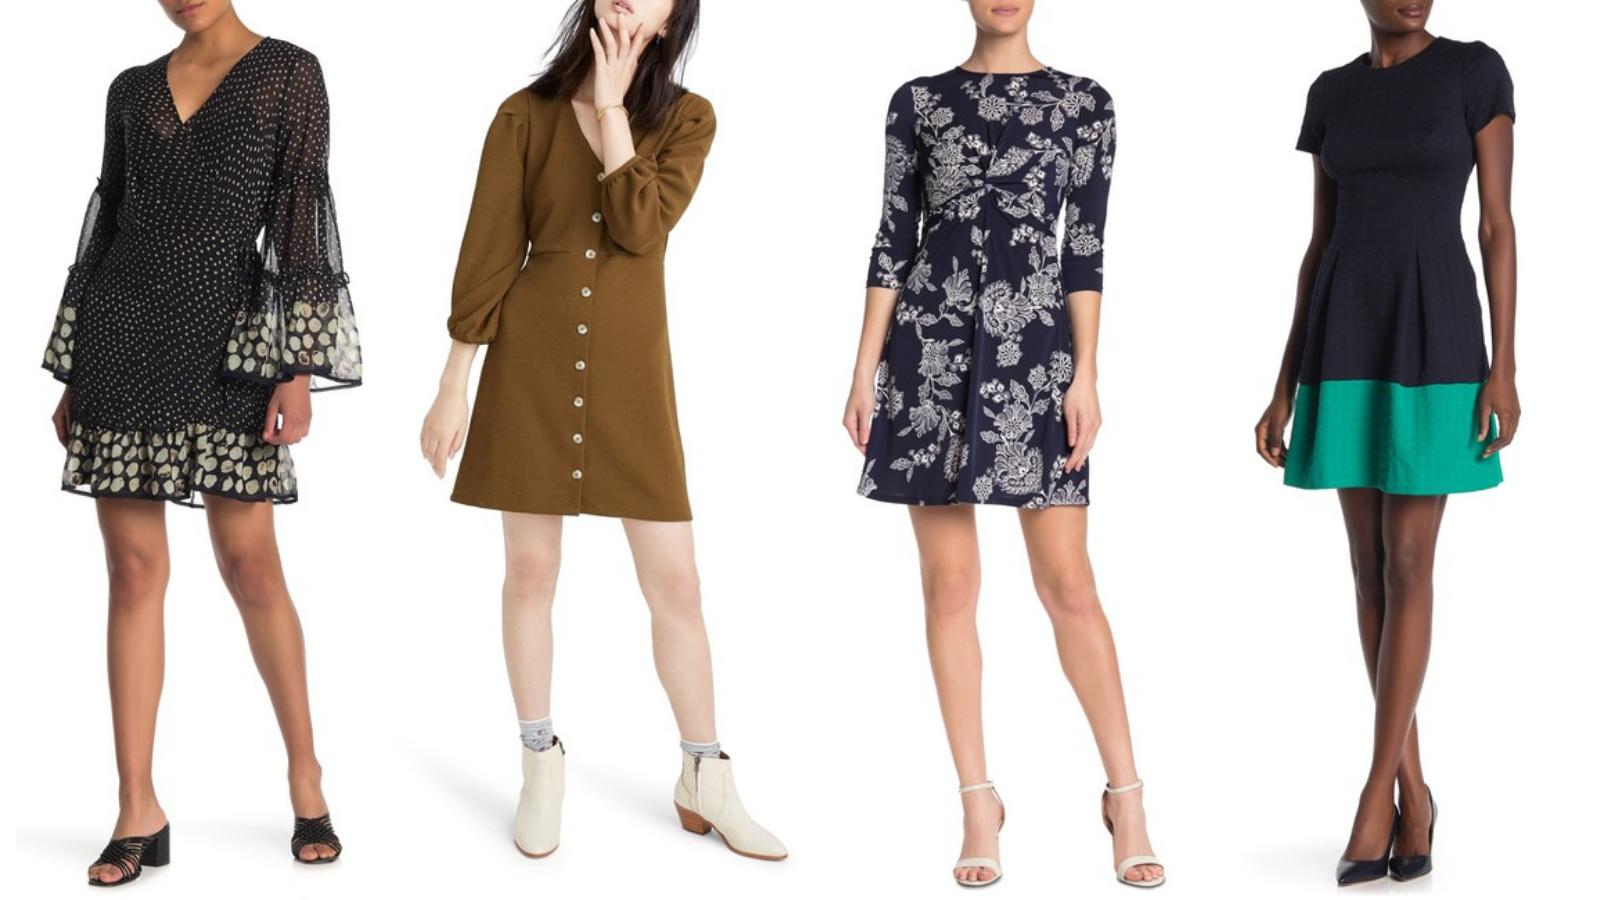 Nordstrom Rack: Get summer dresses for